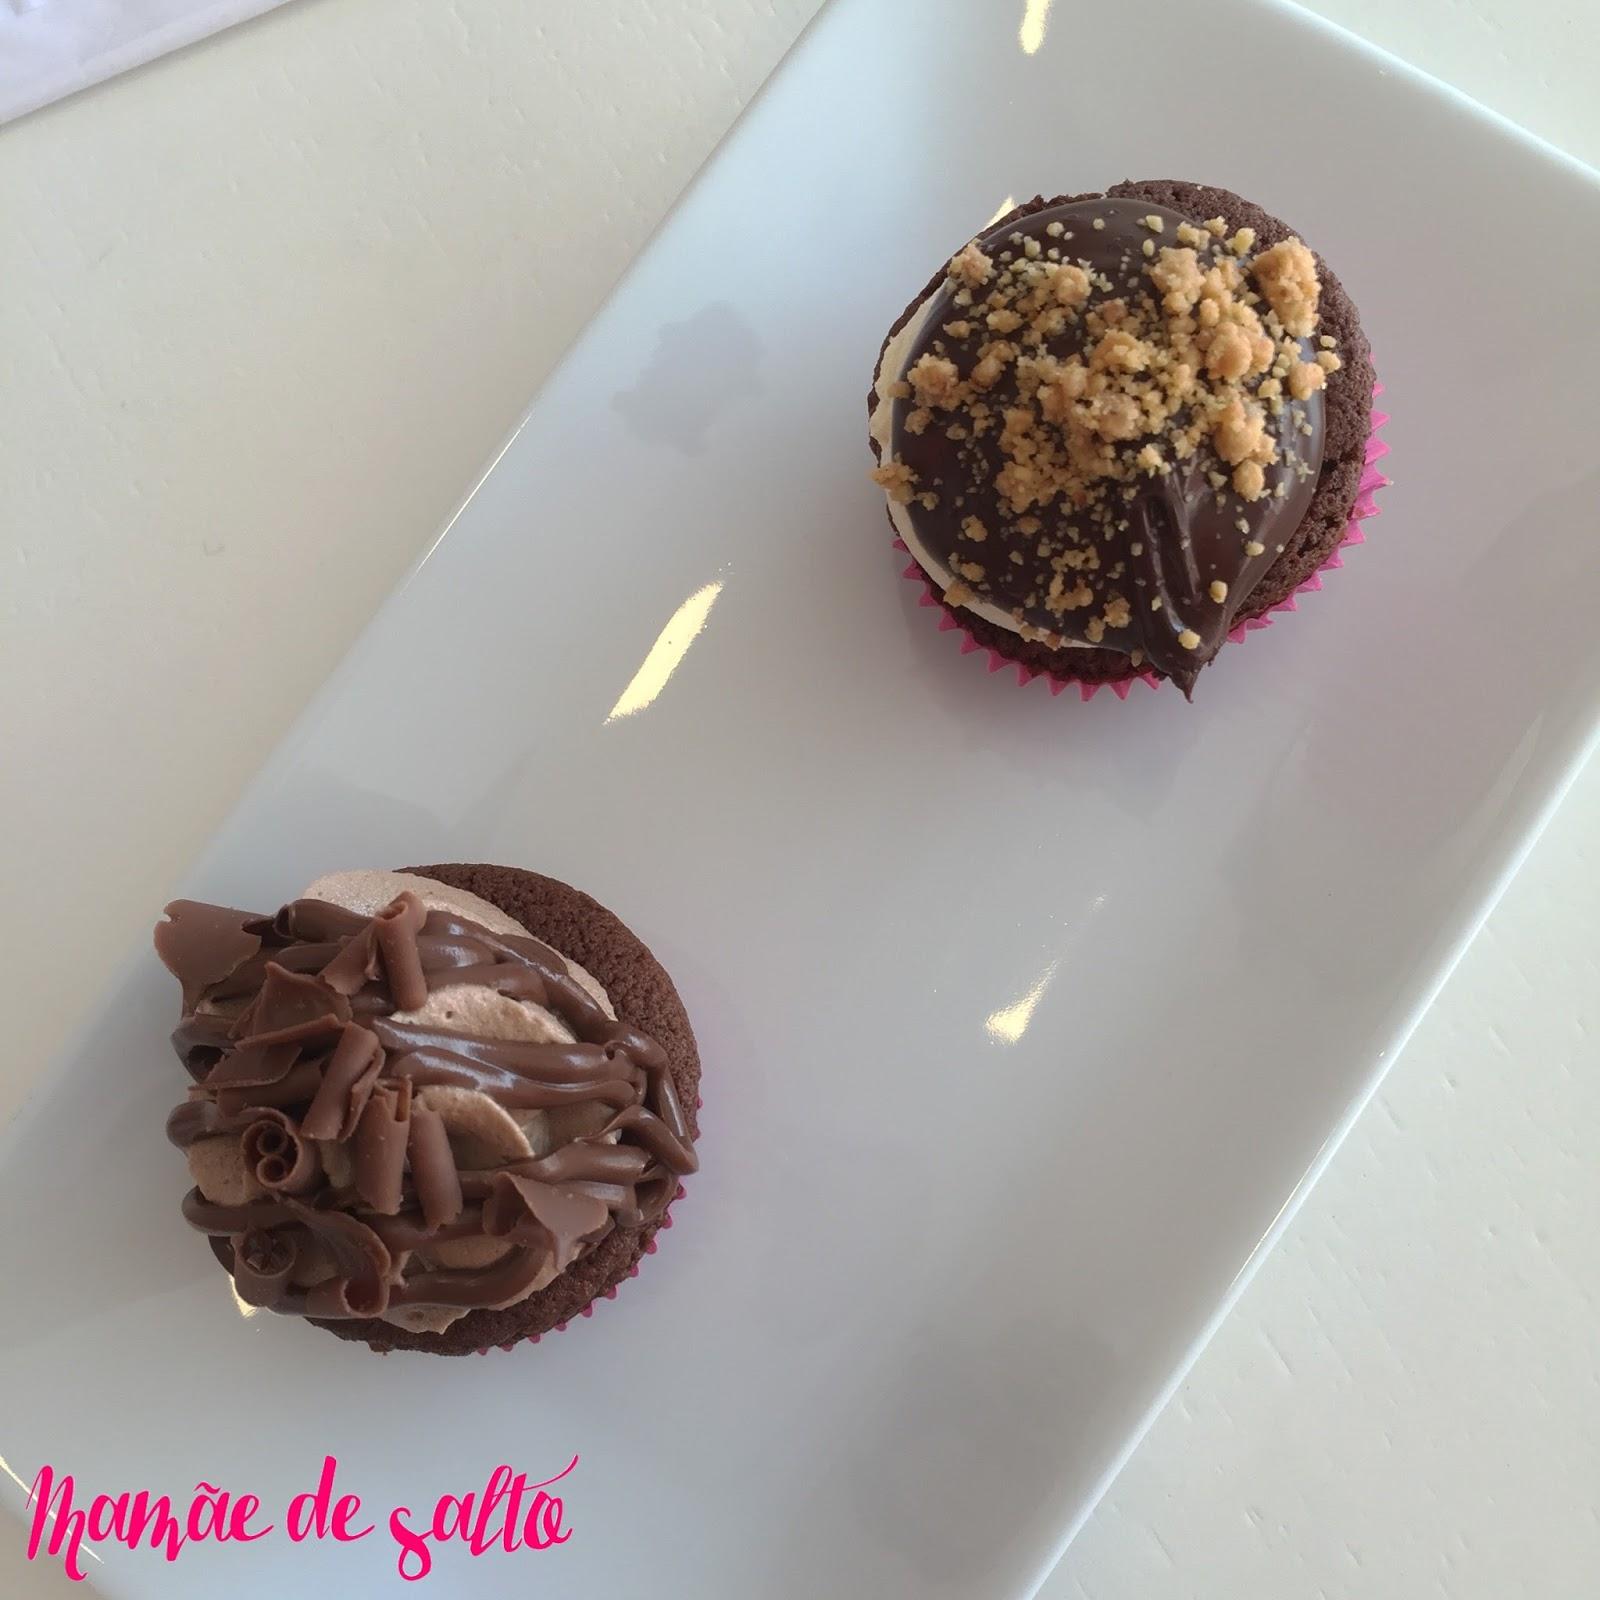 cupcake nutella e paçoca Sugar Bakery Curitiba/PR ... blog Mamãe de Salto